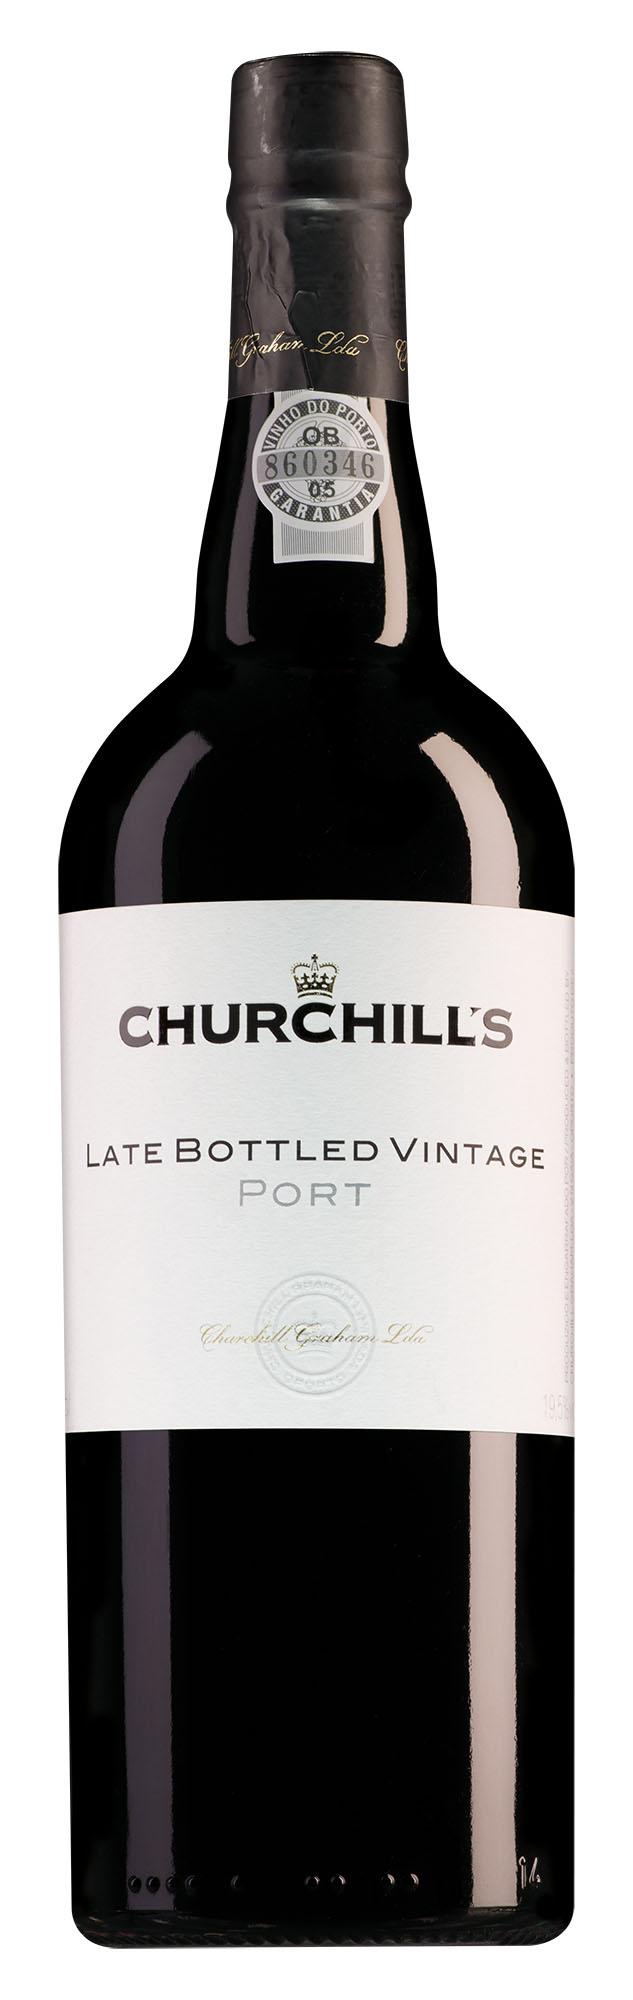 Churchill's Late Bottled Vintage Port